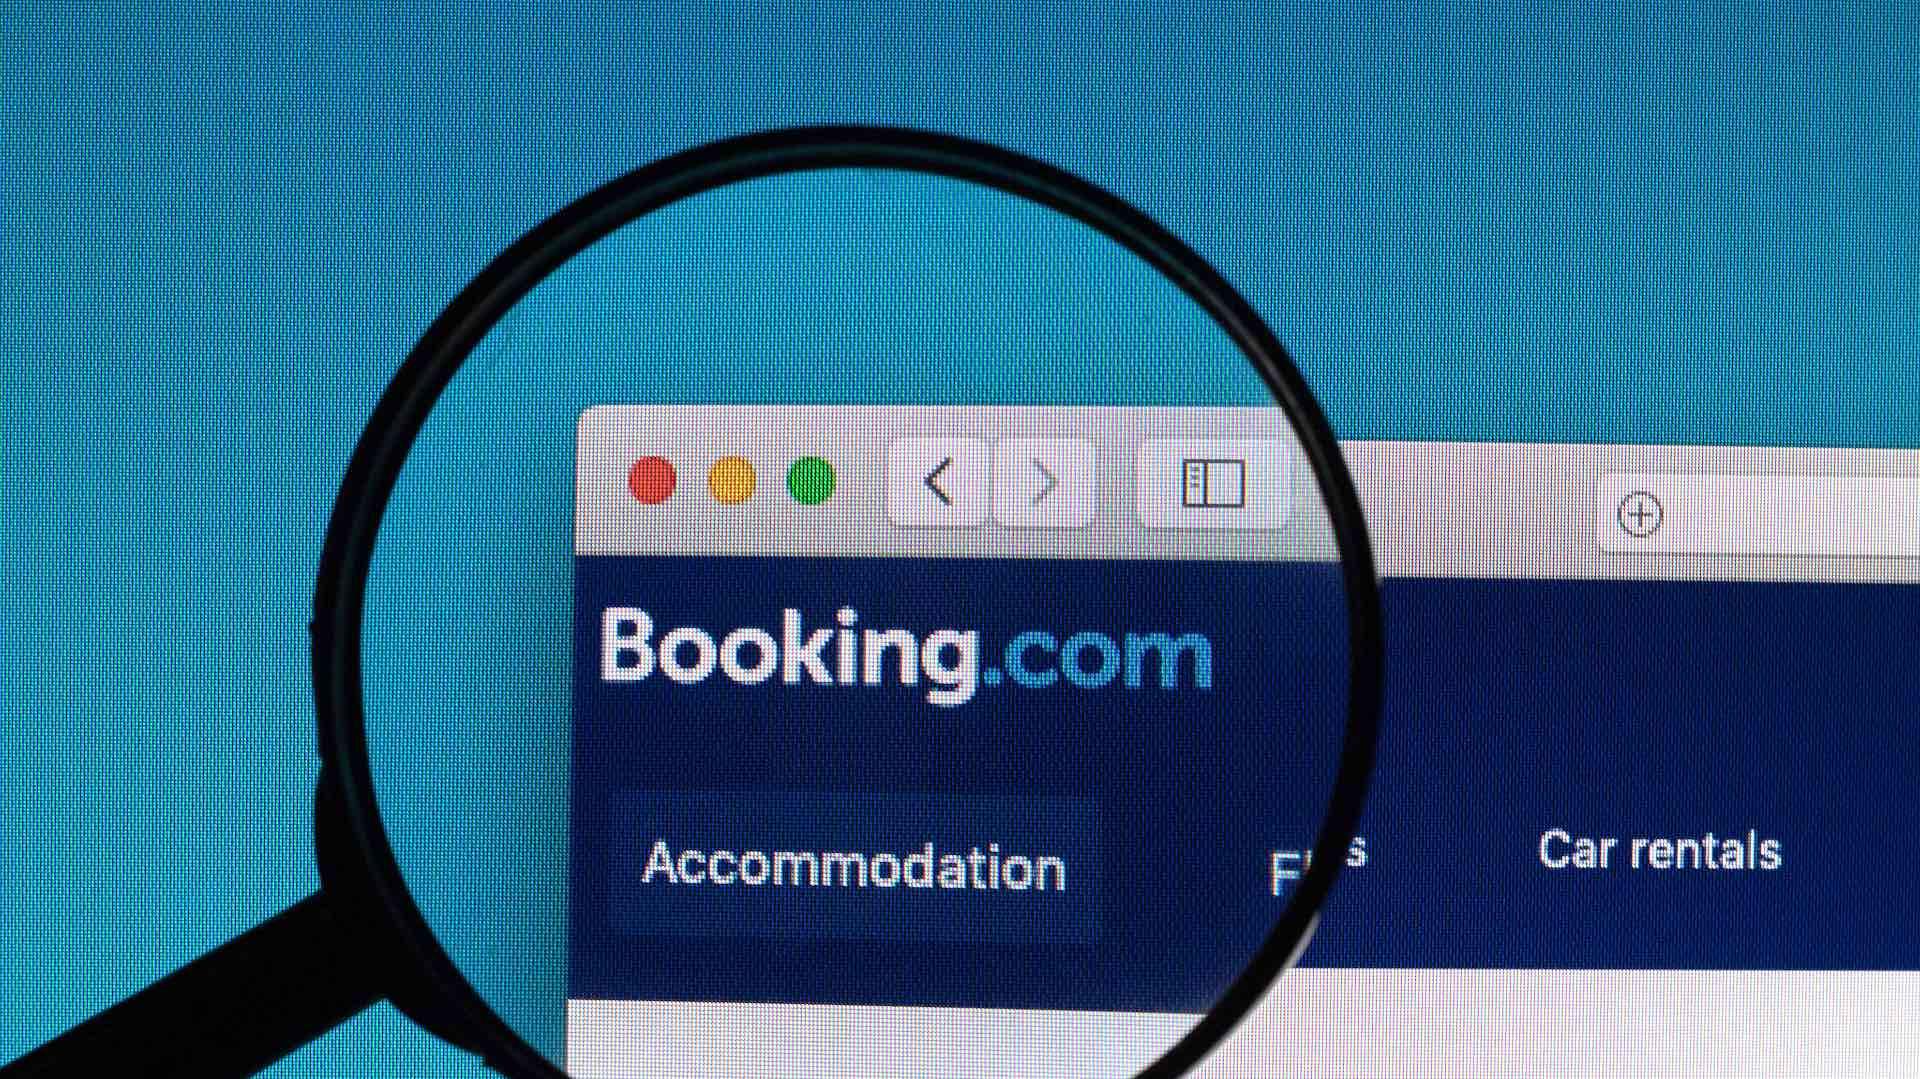 RGPD : Booking devra payer 475 000€ pour avoir déclaré une fuite de données hors des délais légaux